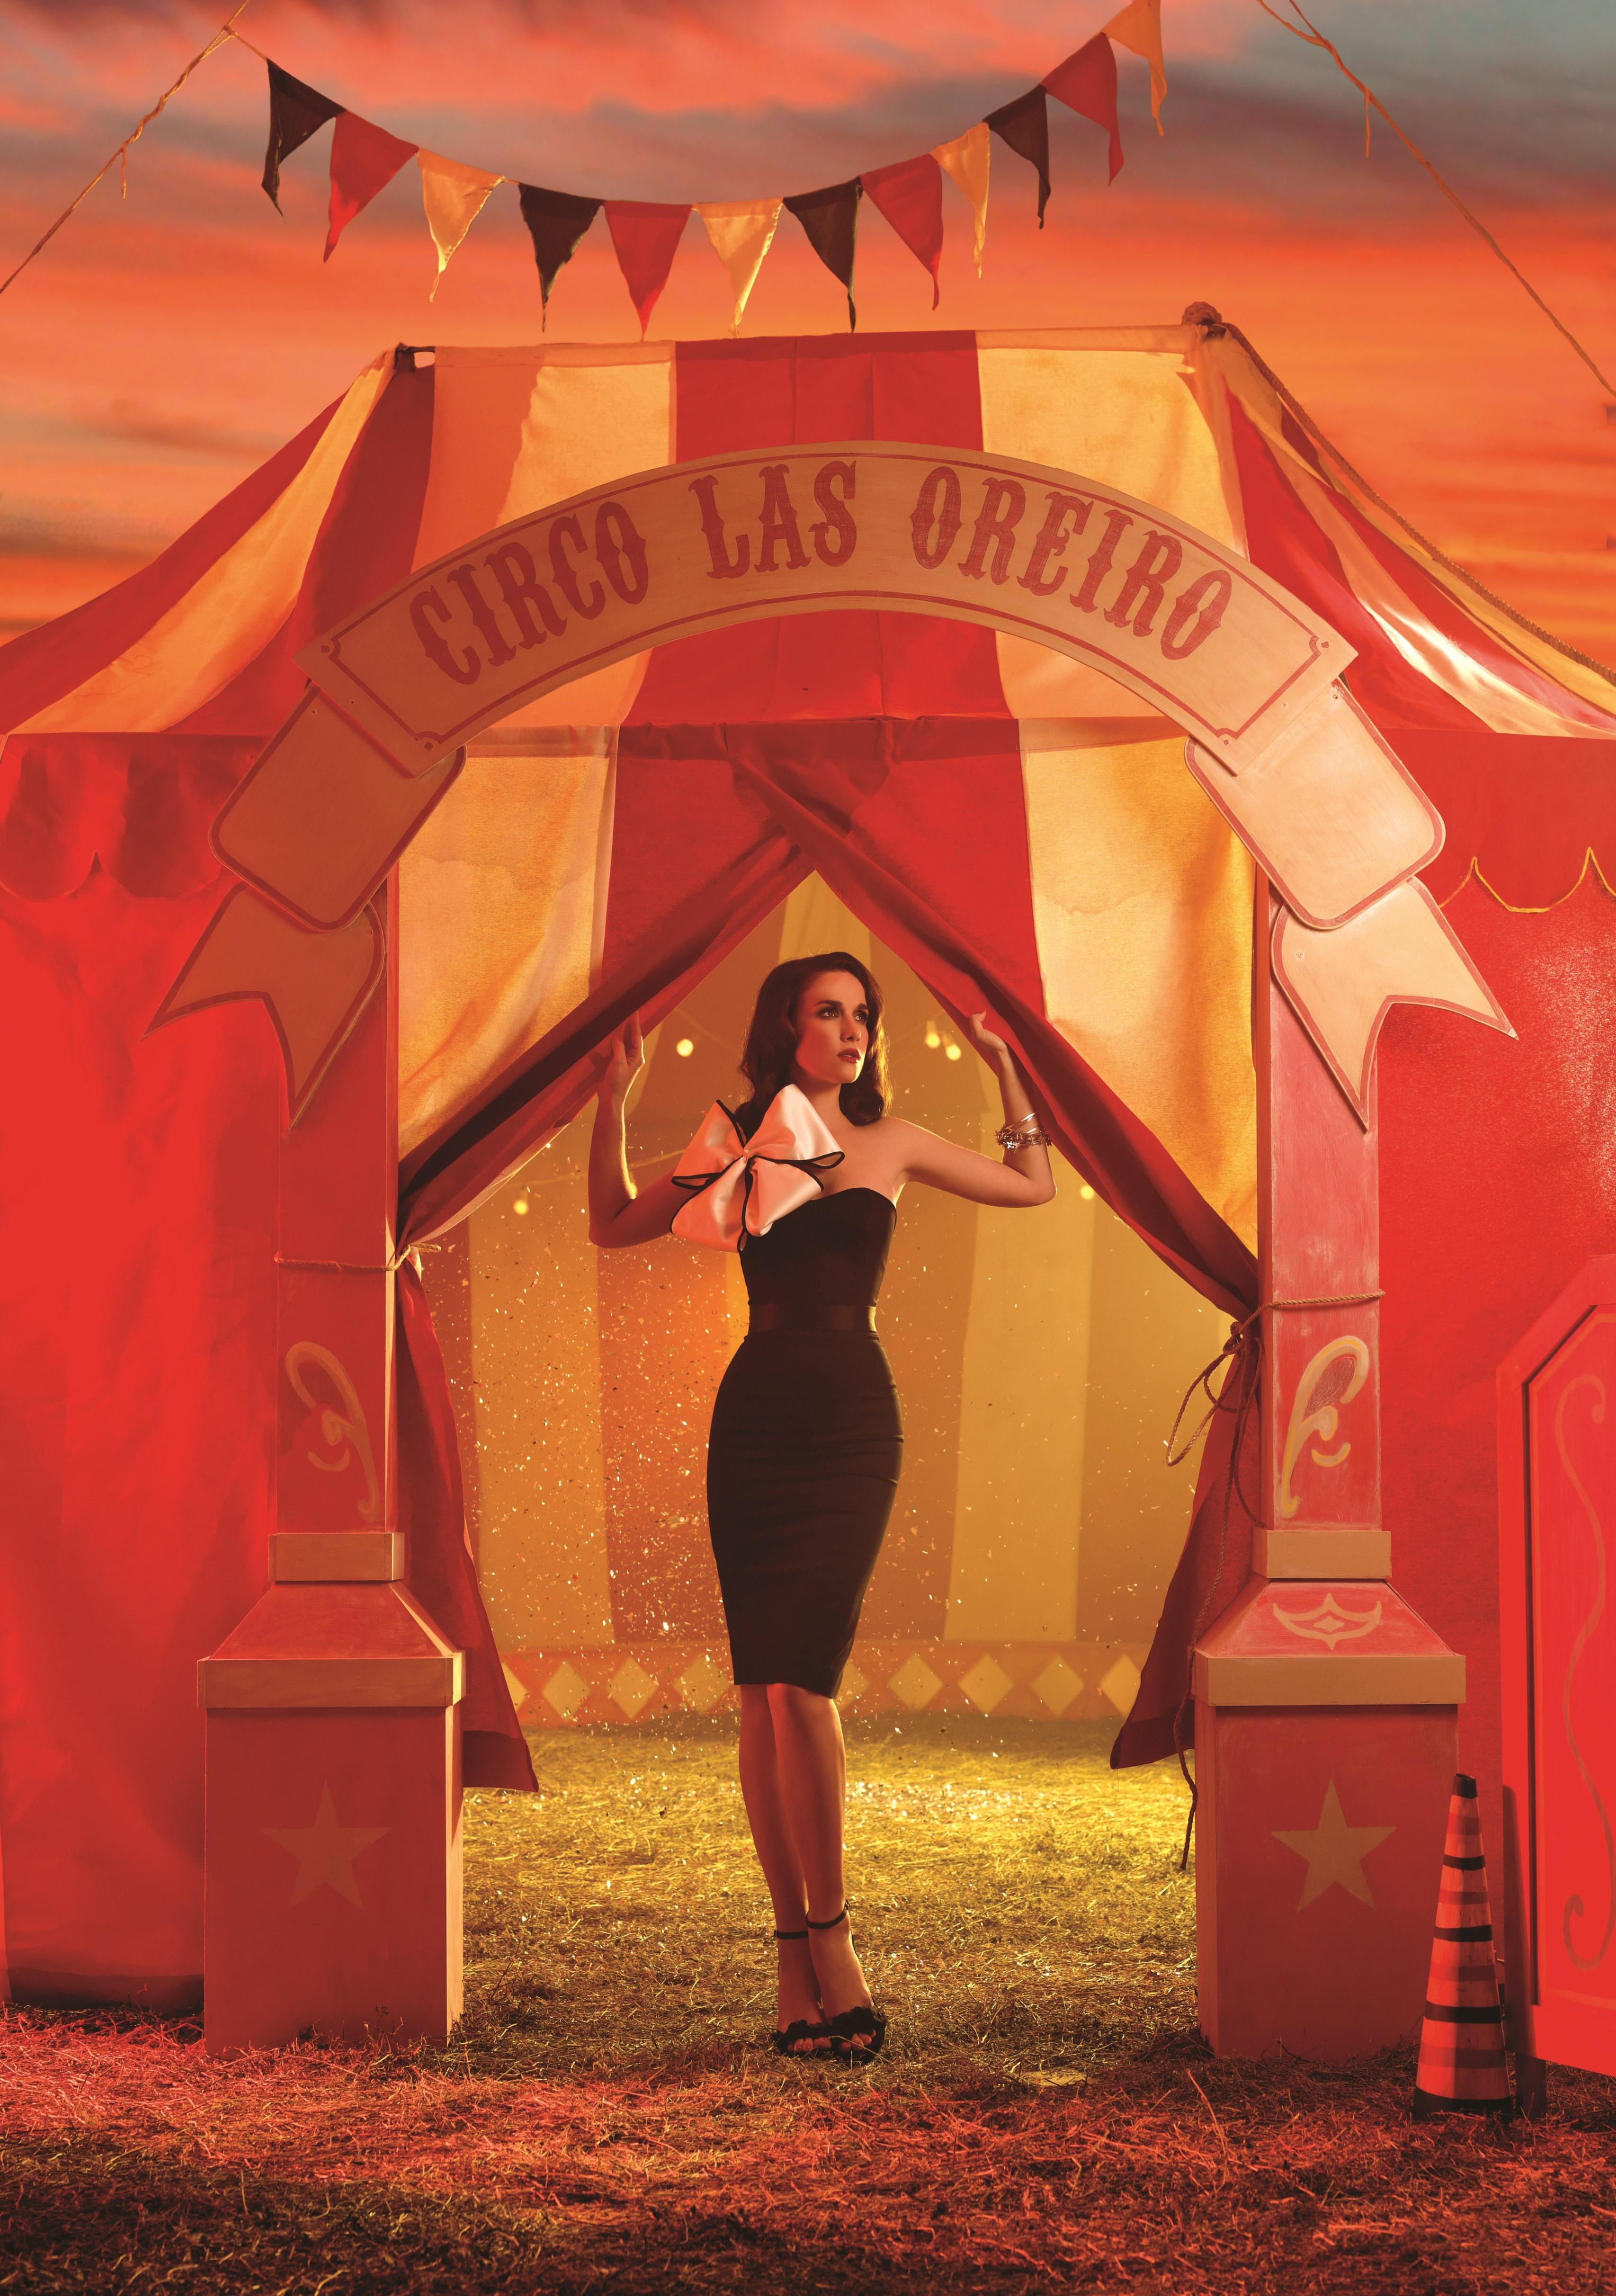 Секс в цирке фото 16 фотография